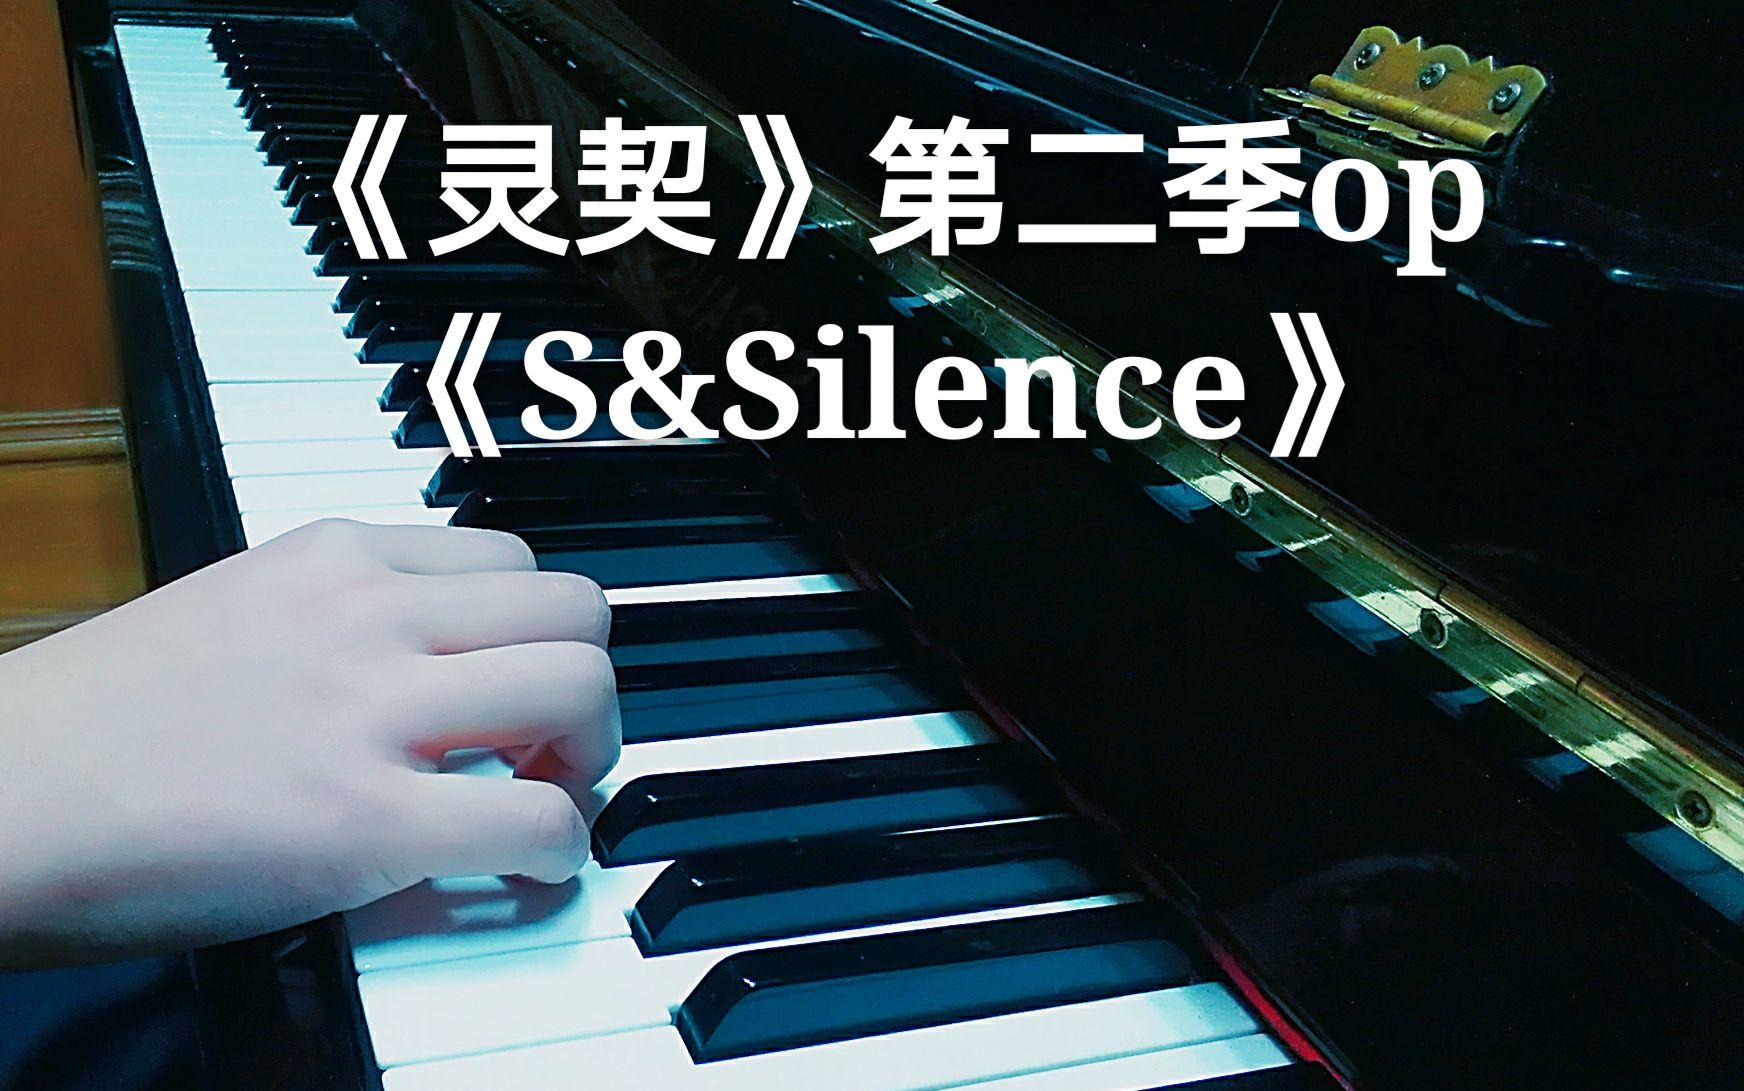 【钢琴】灵契第二季OP《S&Silence》